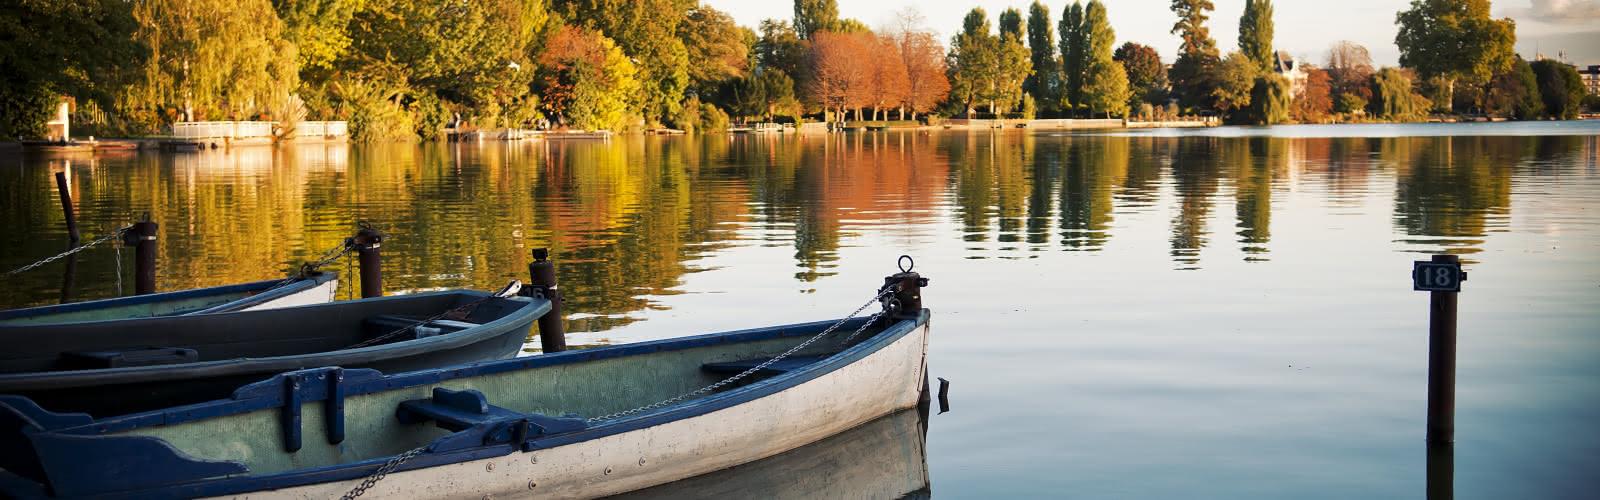 Lac d'Enghien-les-Bains